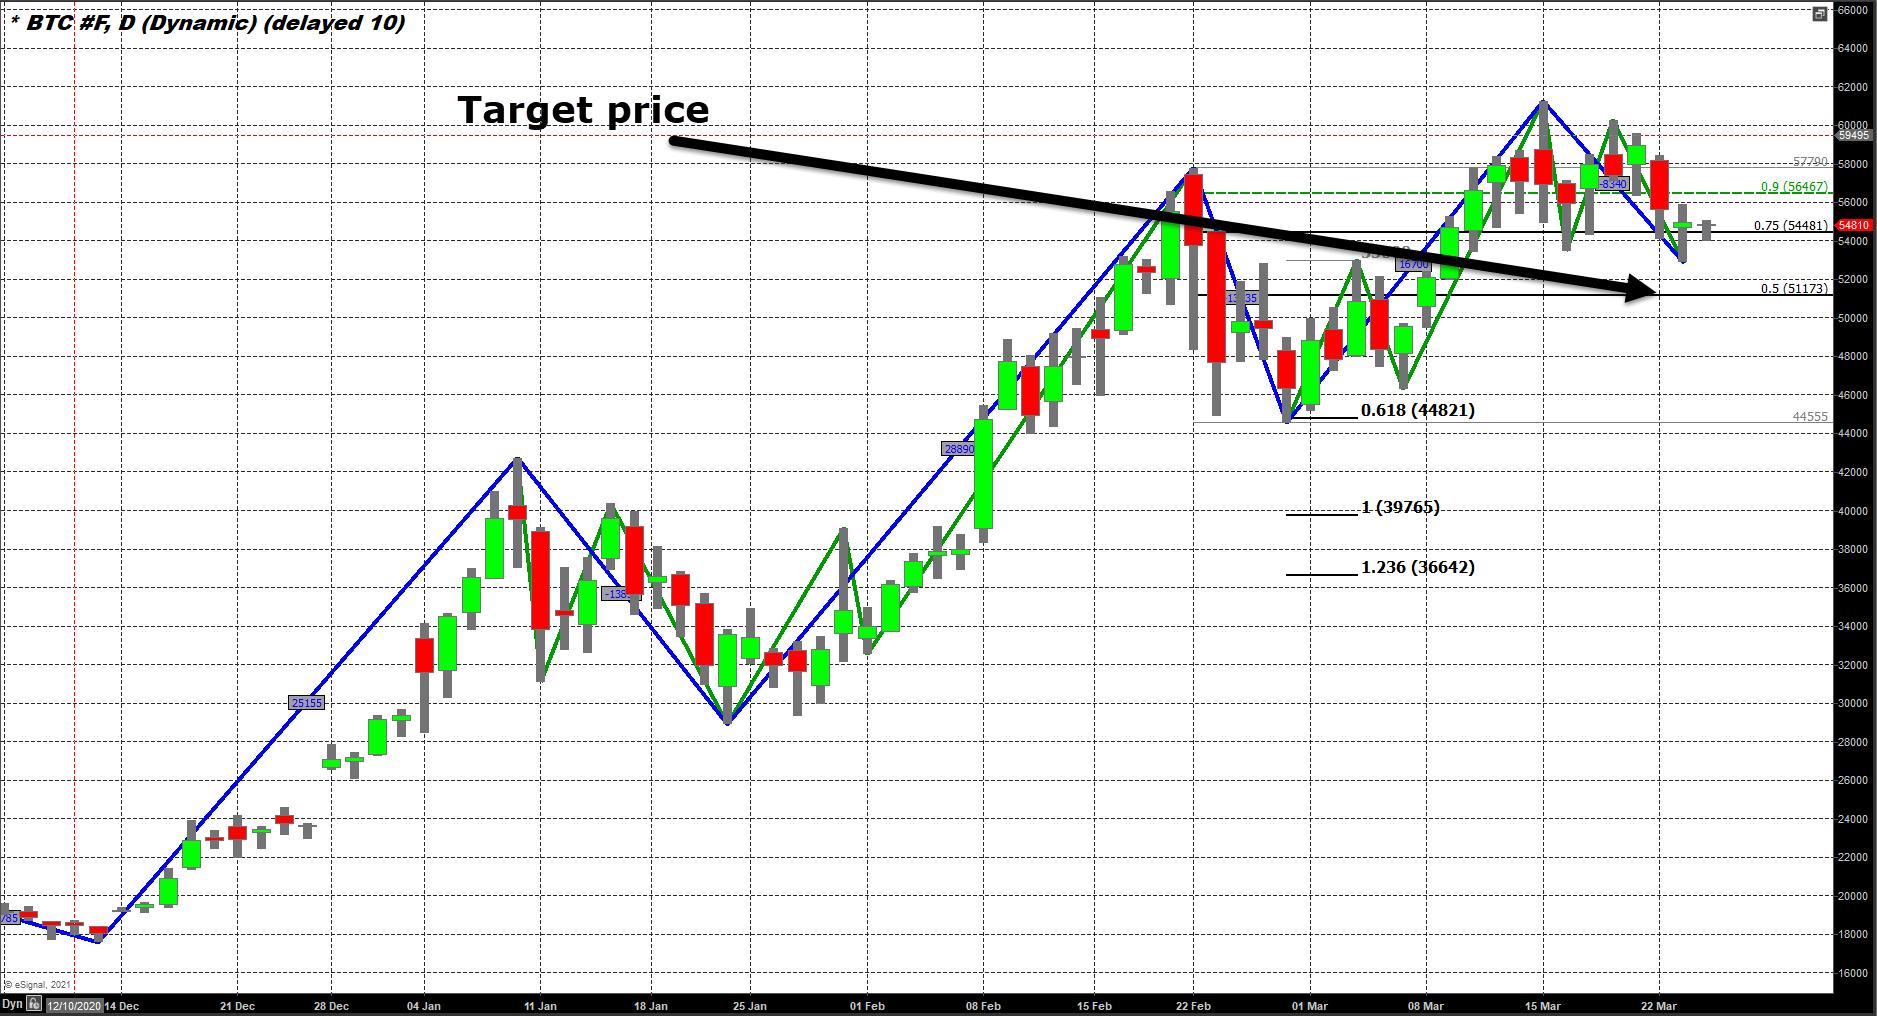 Tues chart #$